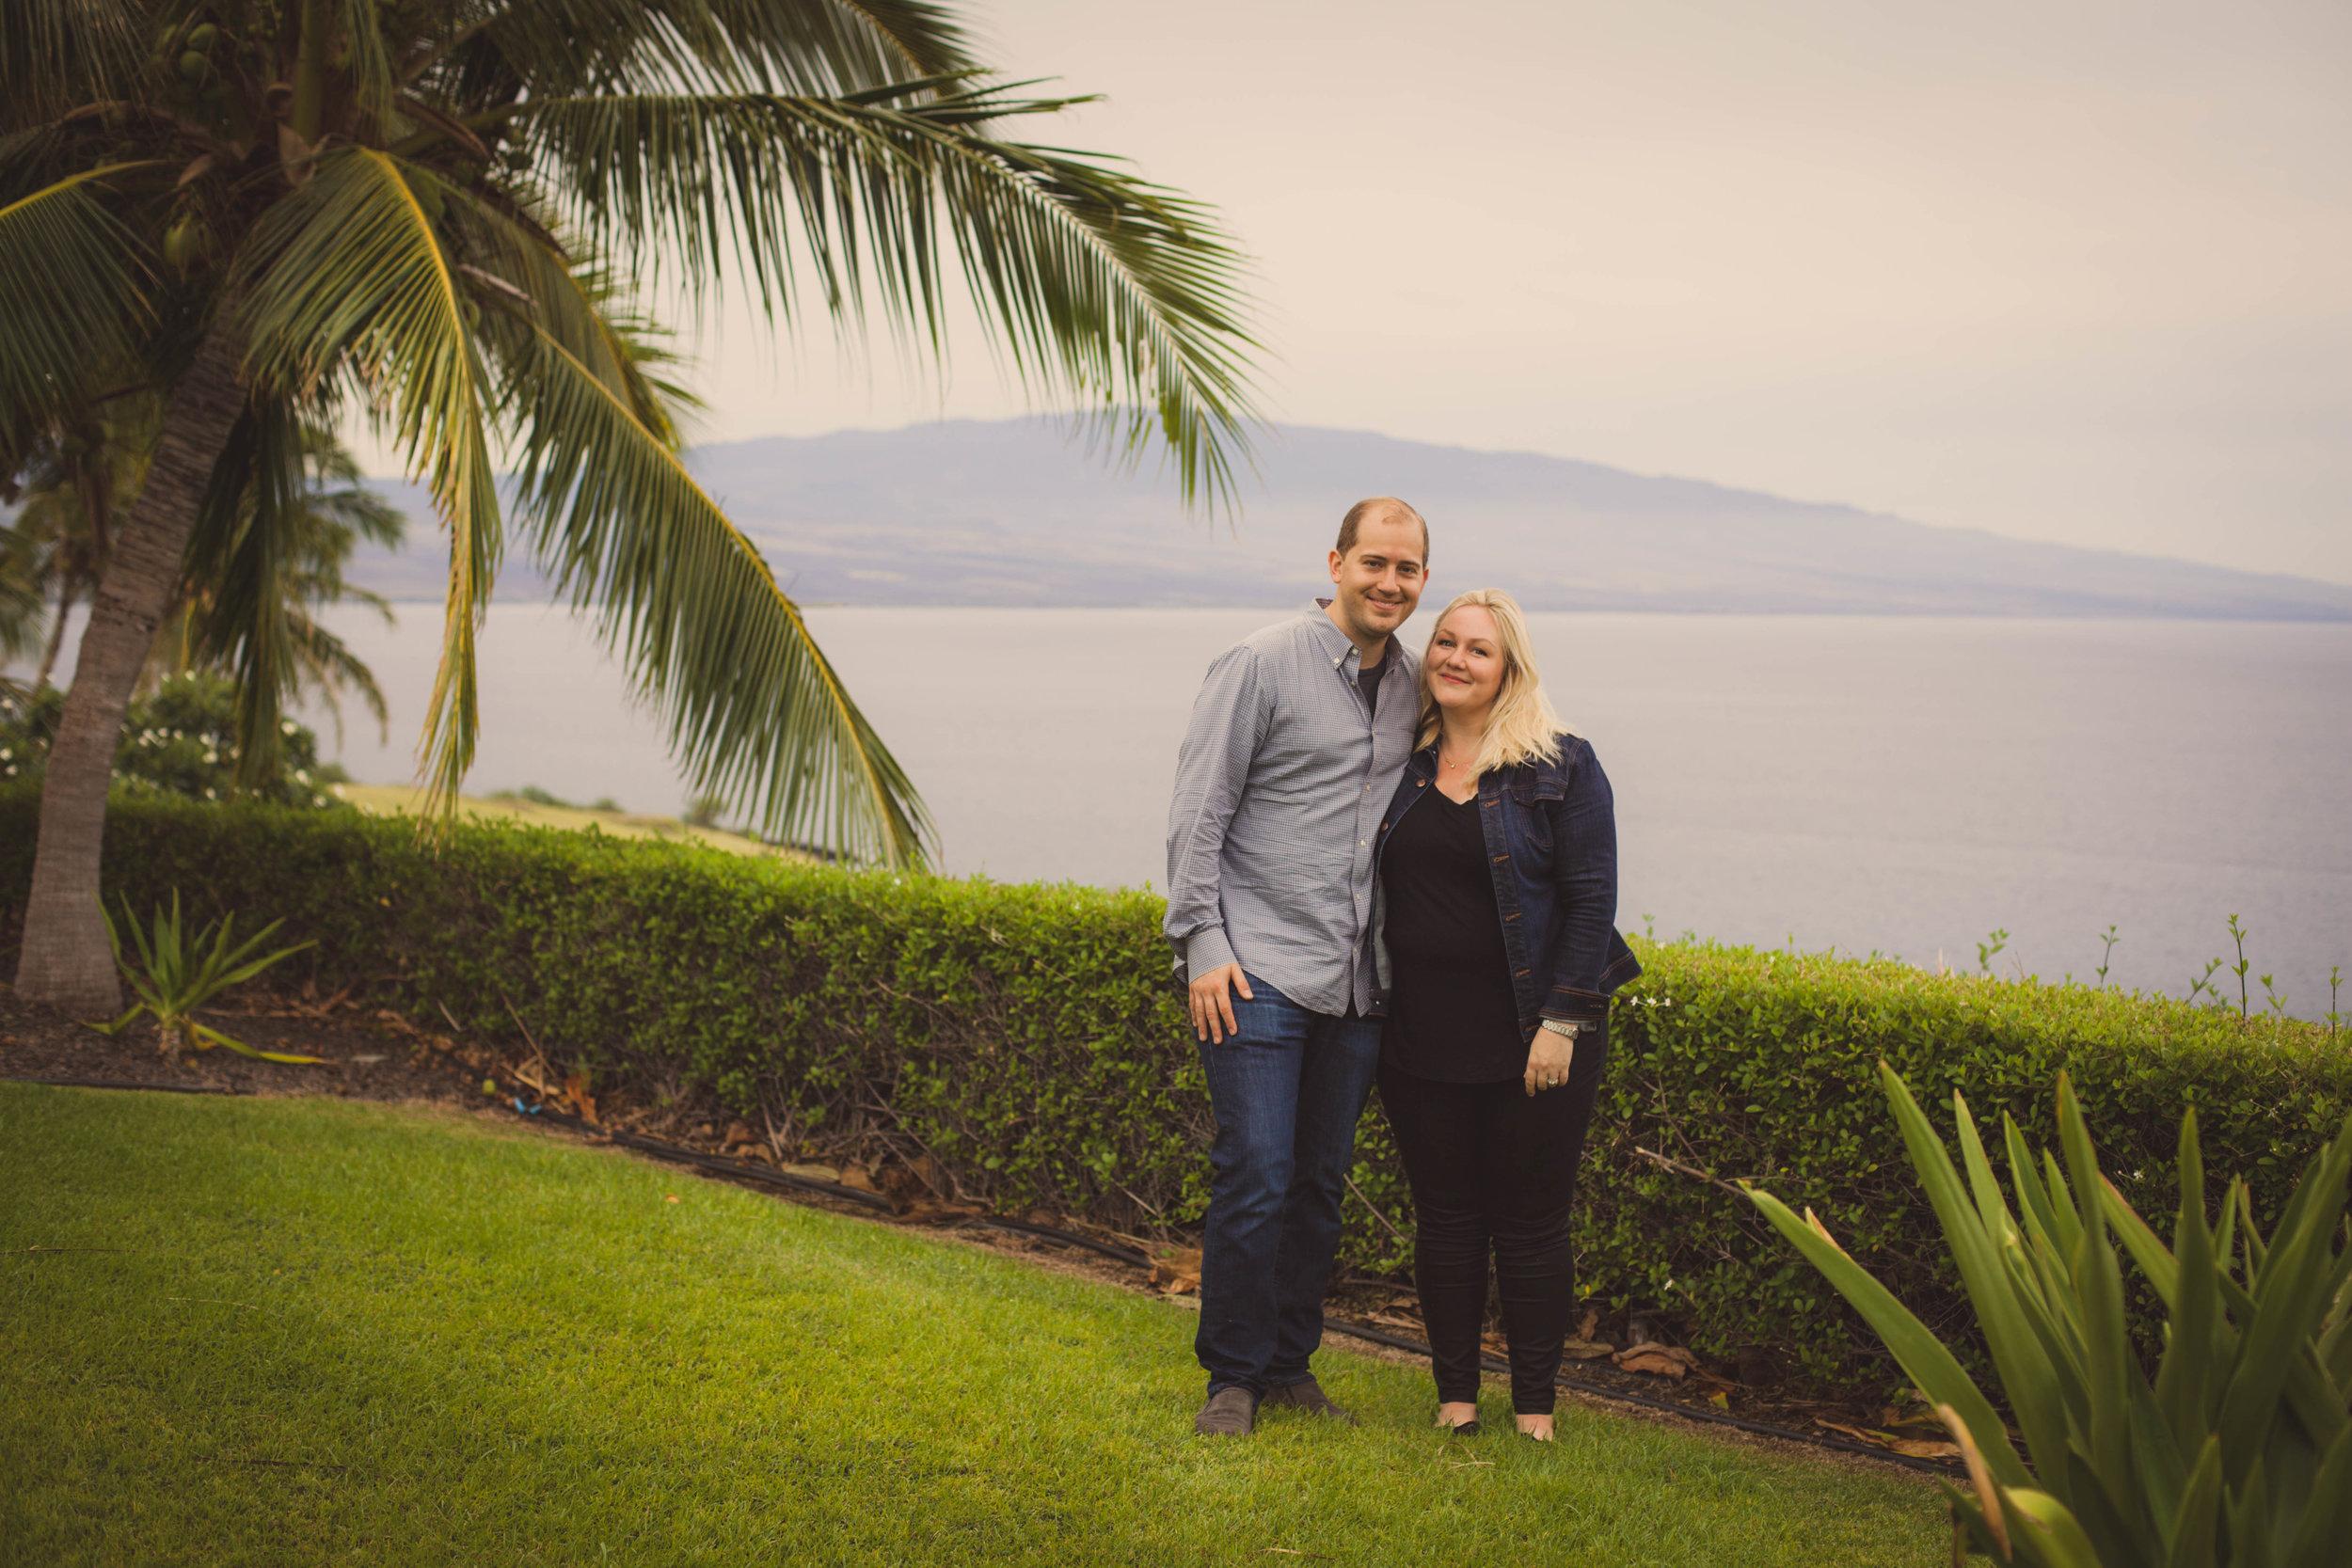 big island hawaii kohala ranch family © kelilina photography 20171127082829-1.jpg